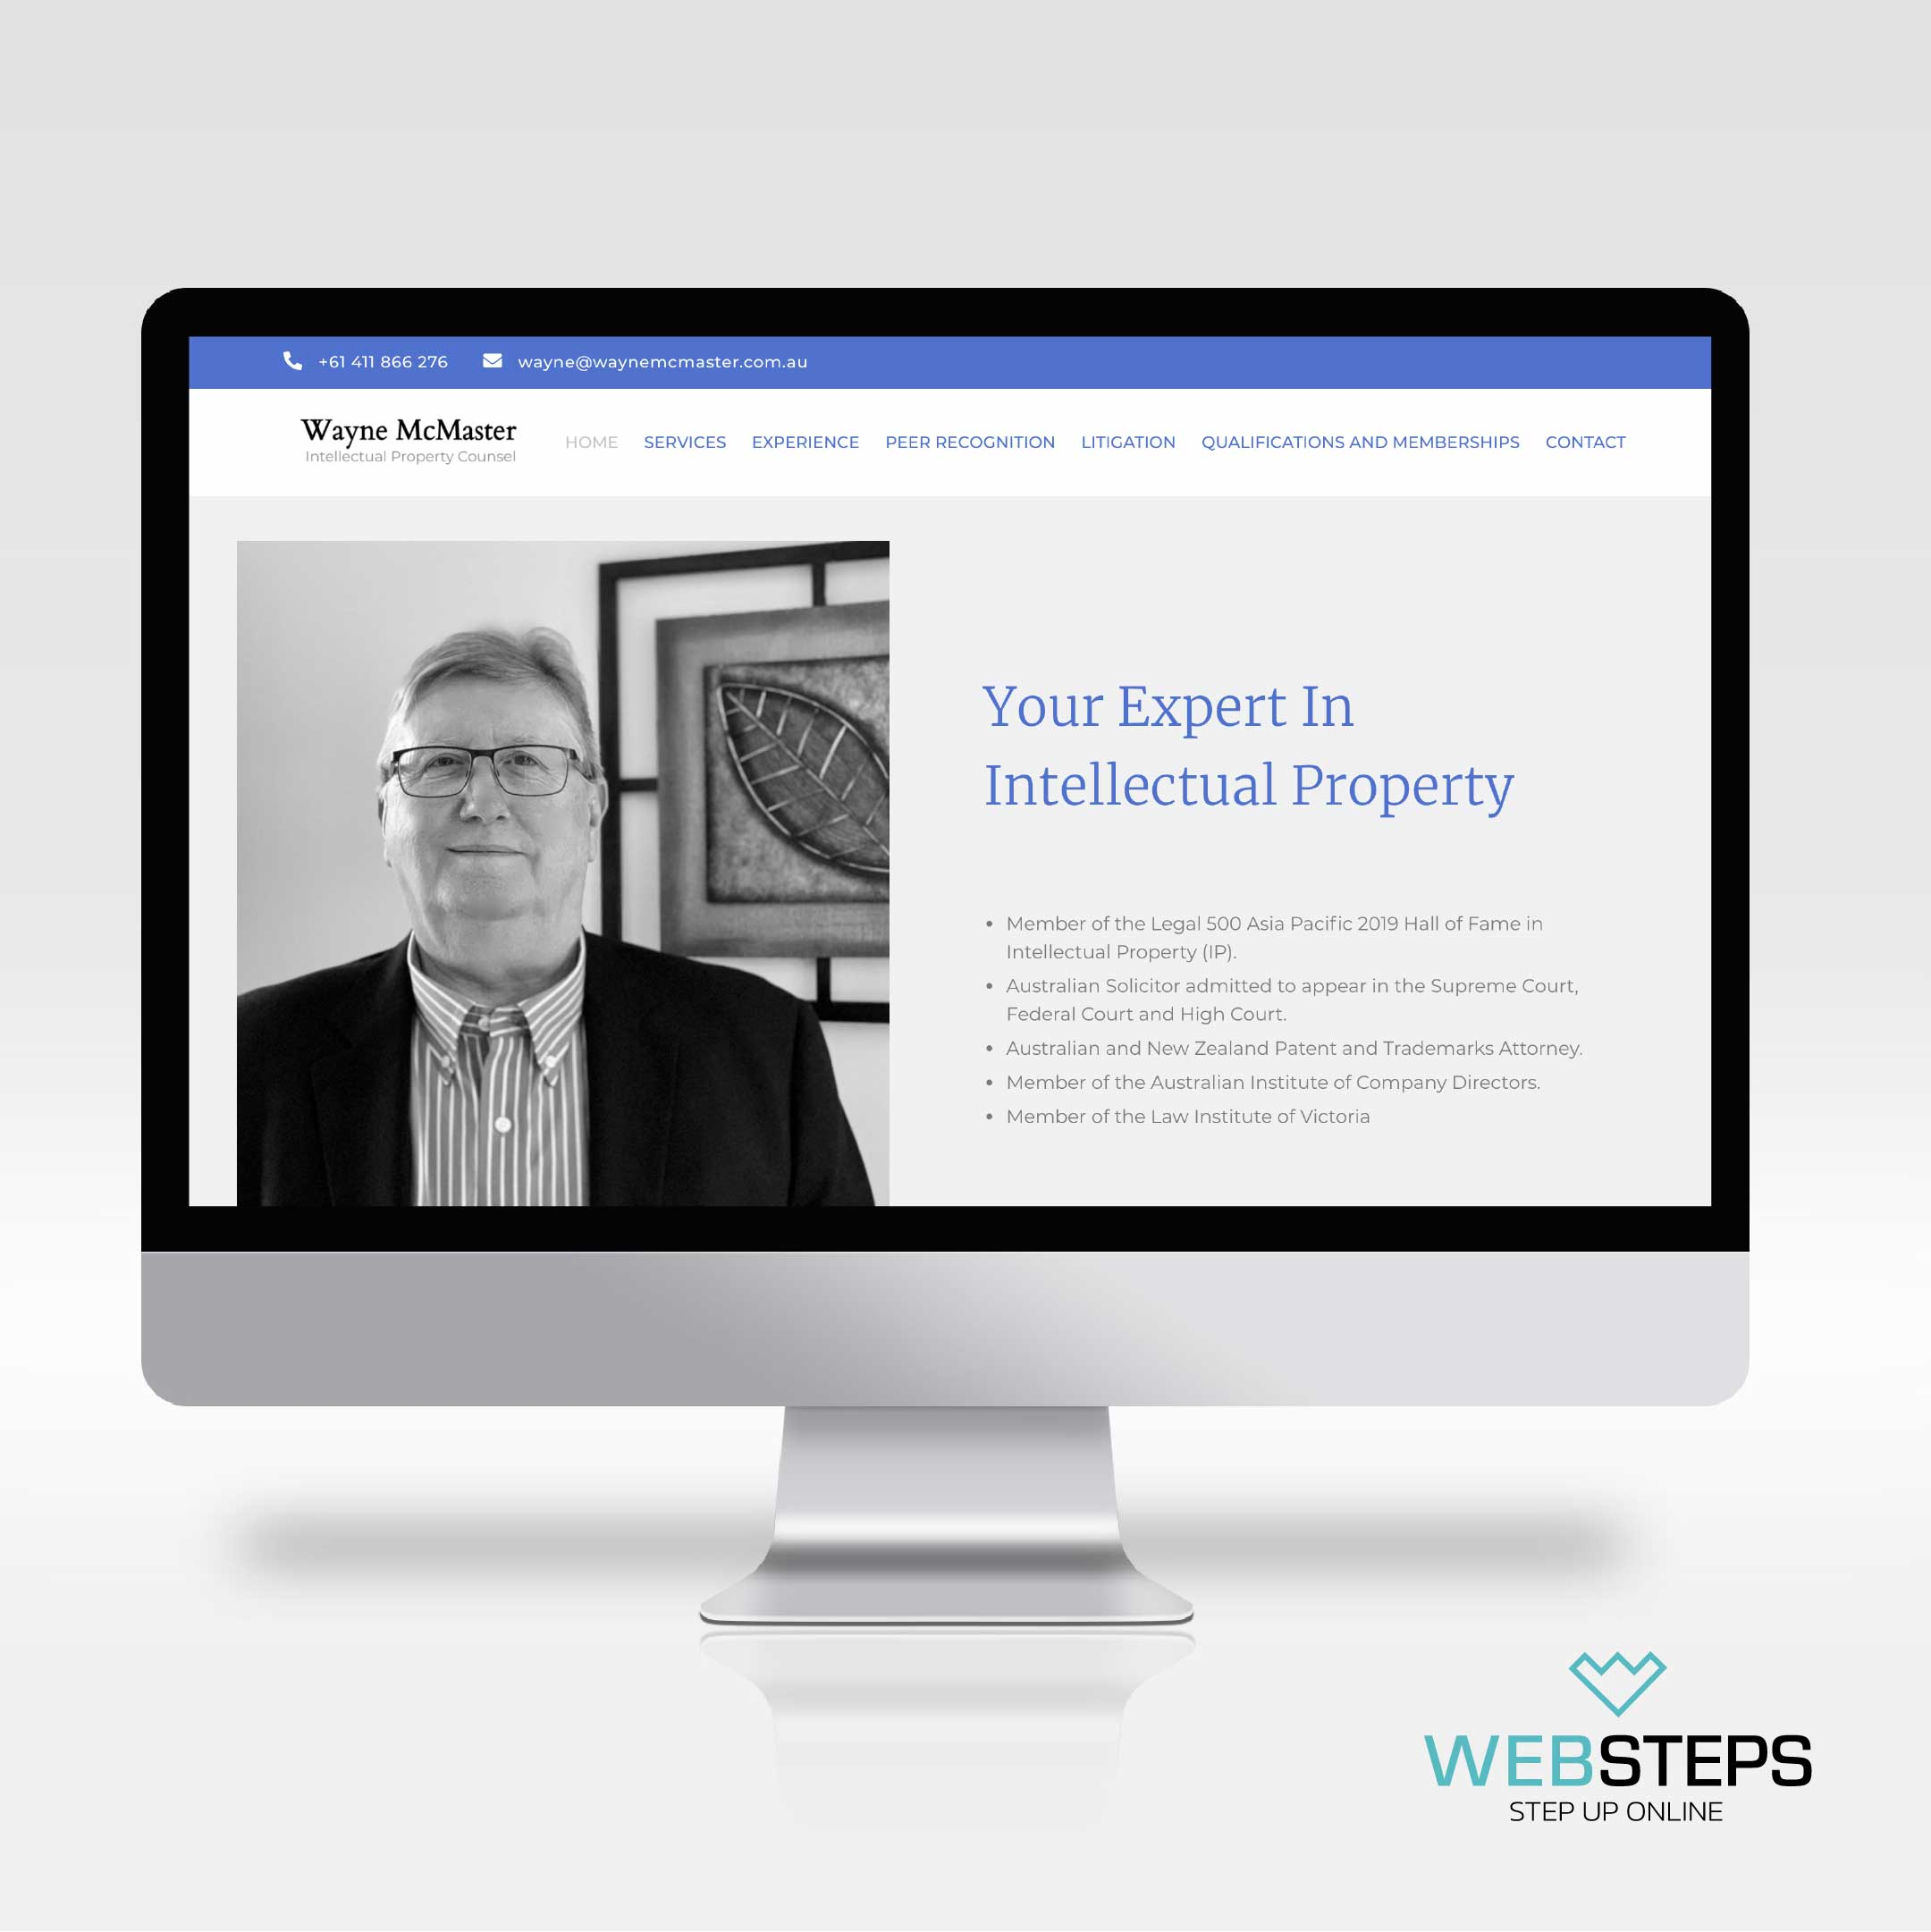 wayne-mcmaster-web-design-websteps